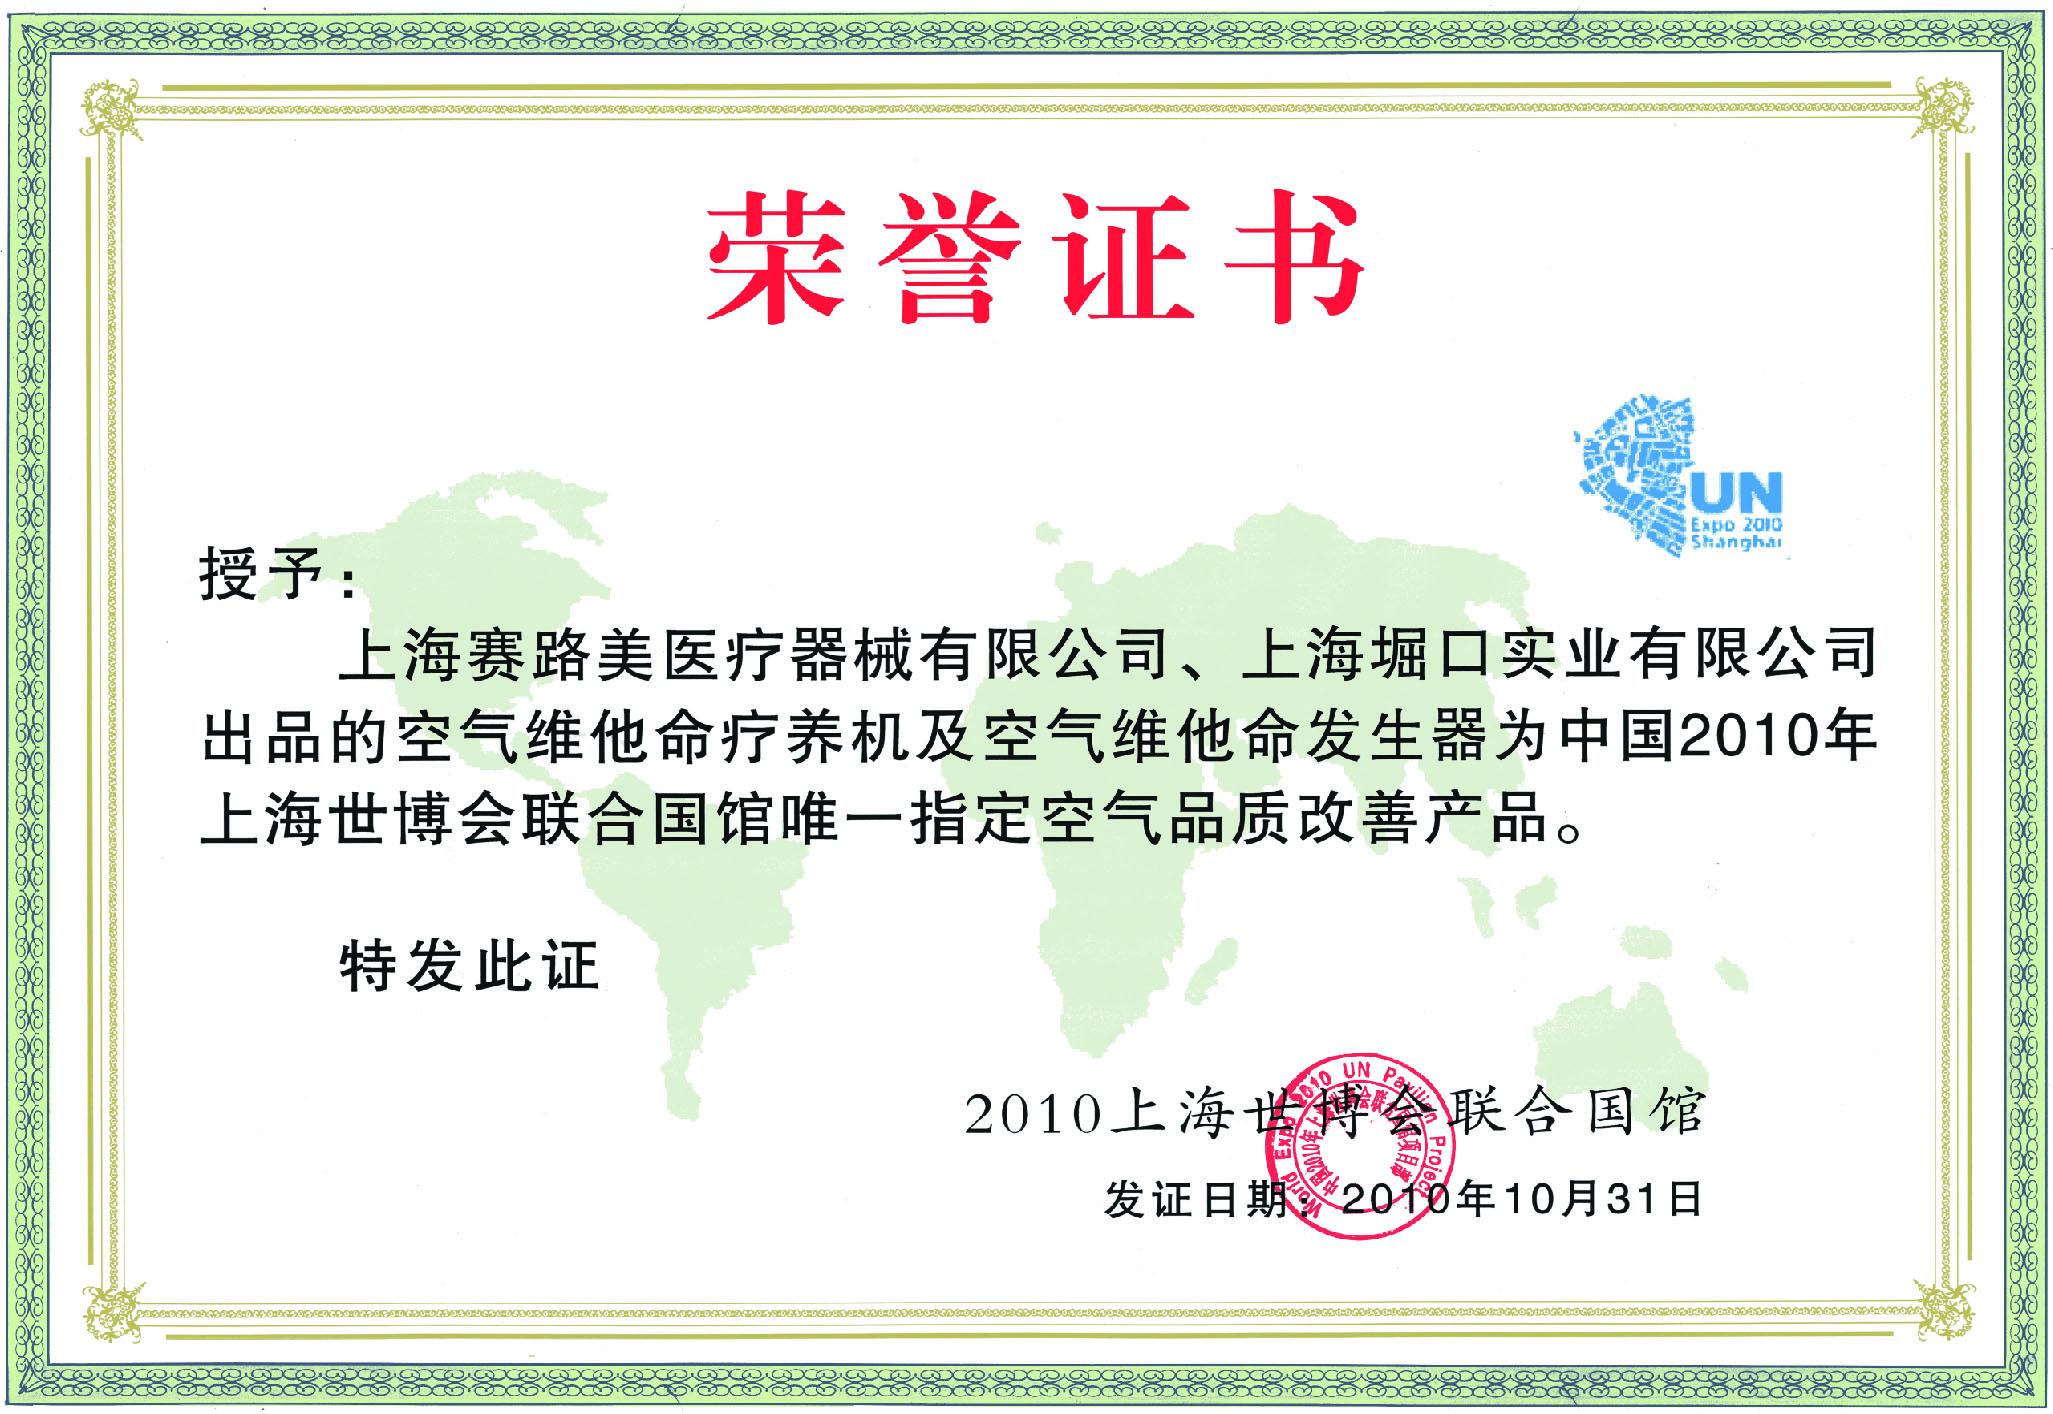 奖项:上海世博会指定品牌